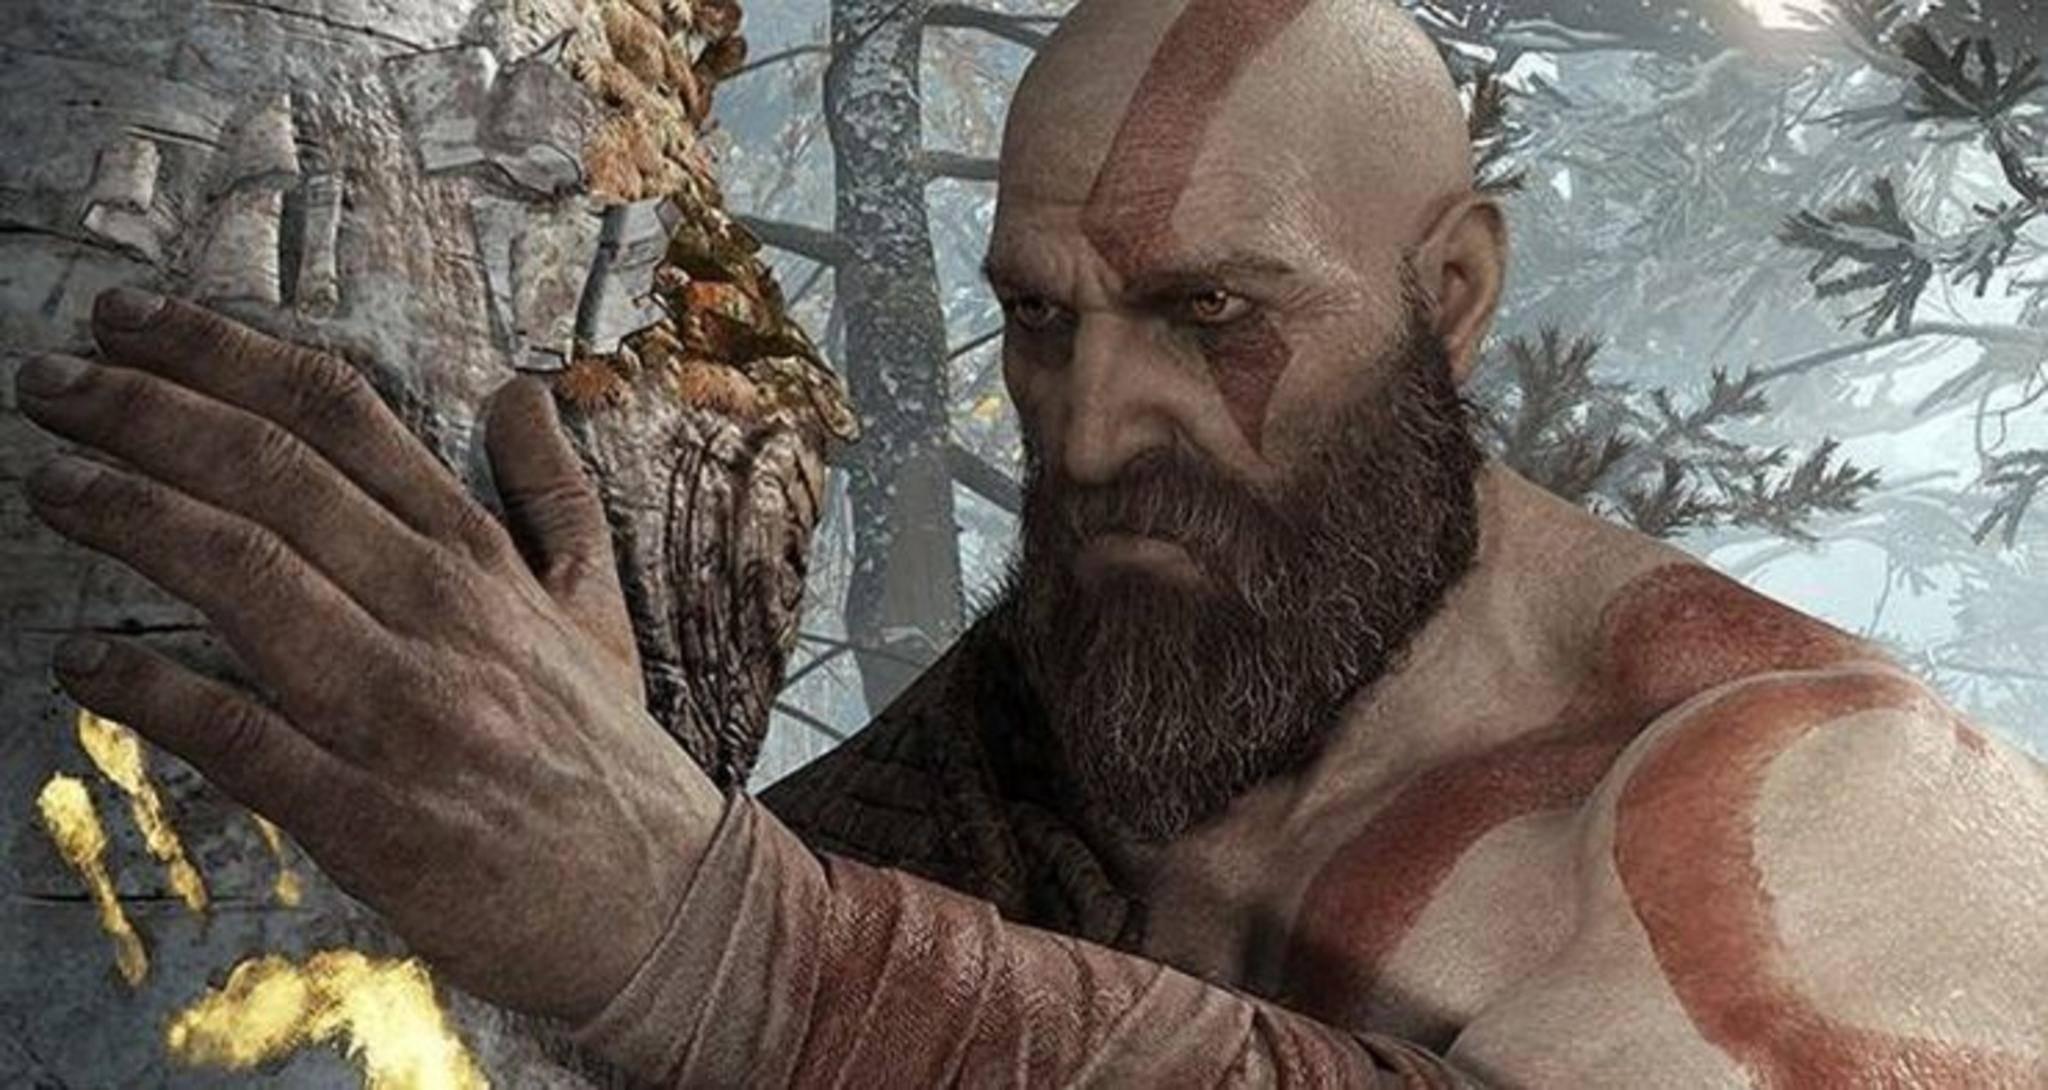 Sehen wir Kratos bald auf der großen Leinwand?